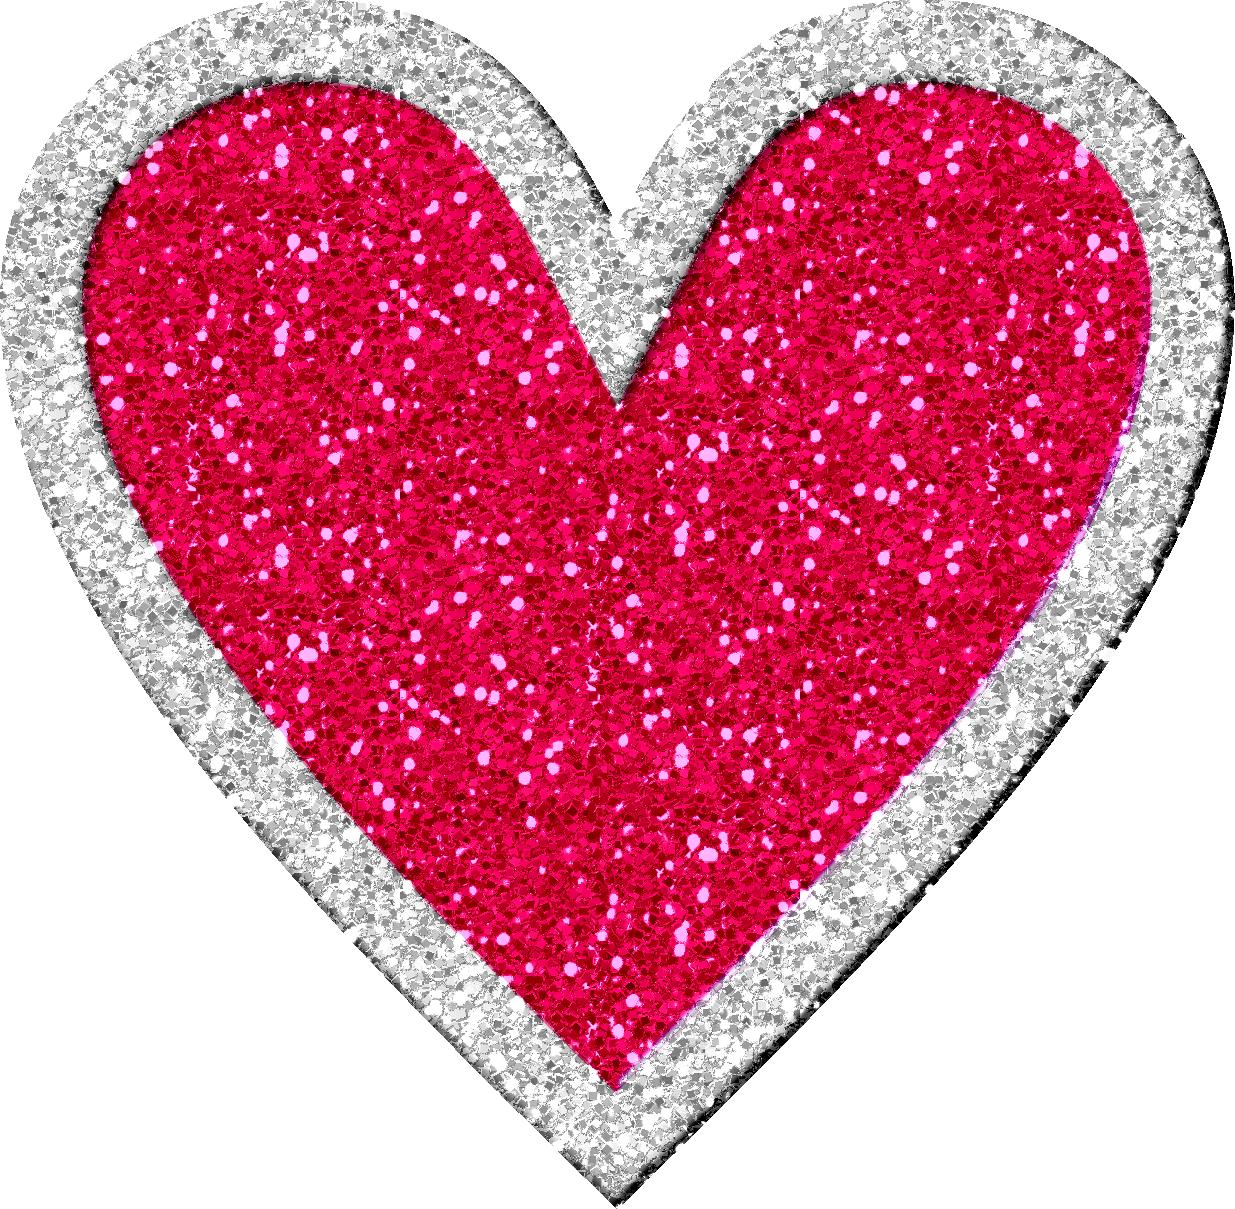 Glitter clipart red glitter. Heart pixel clip art